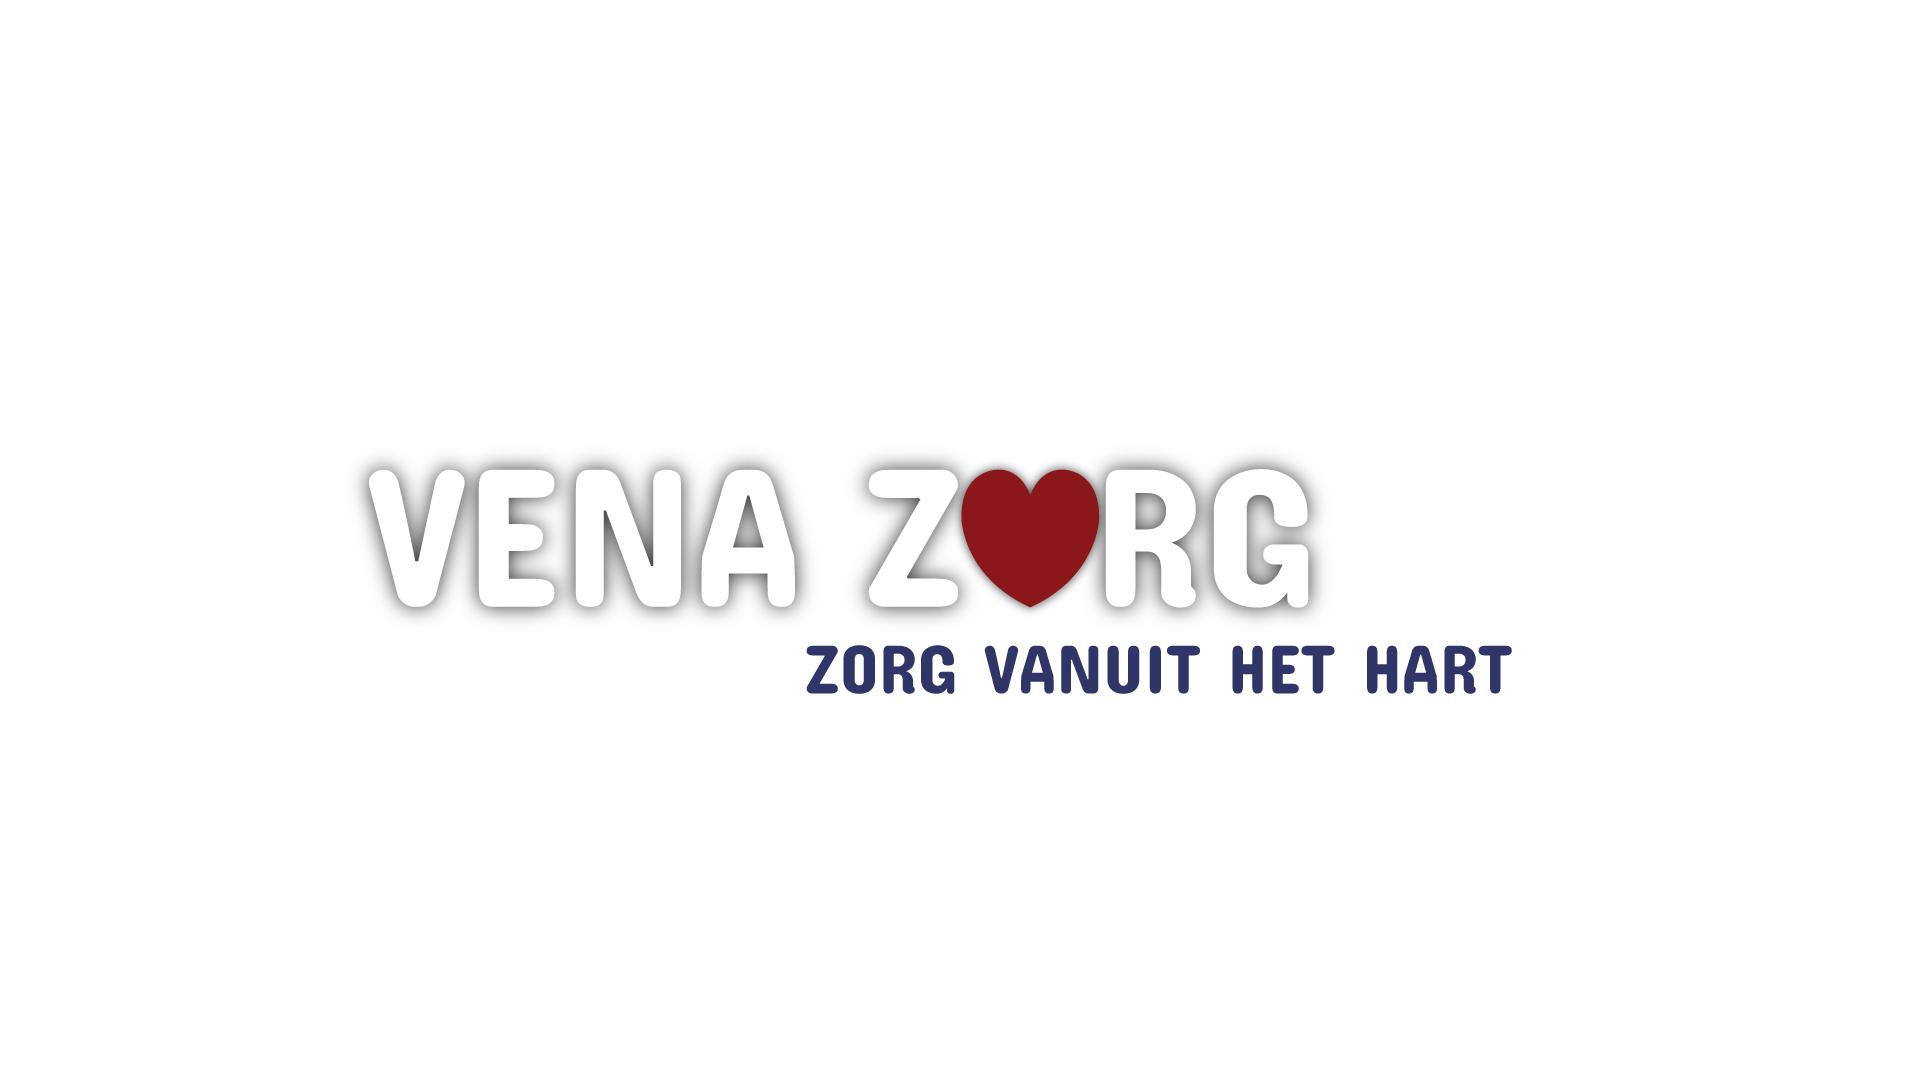 Vena Zorg